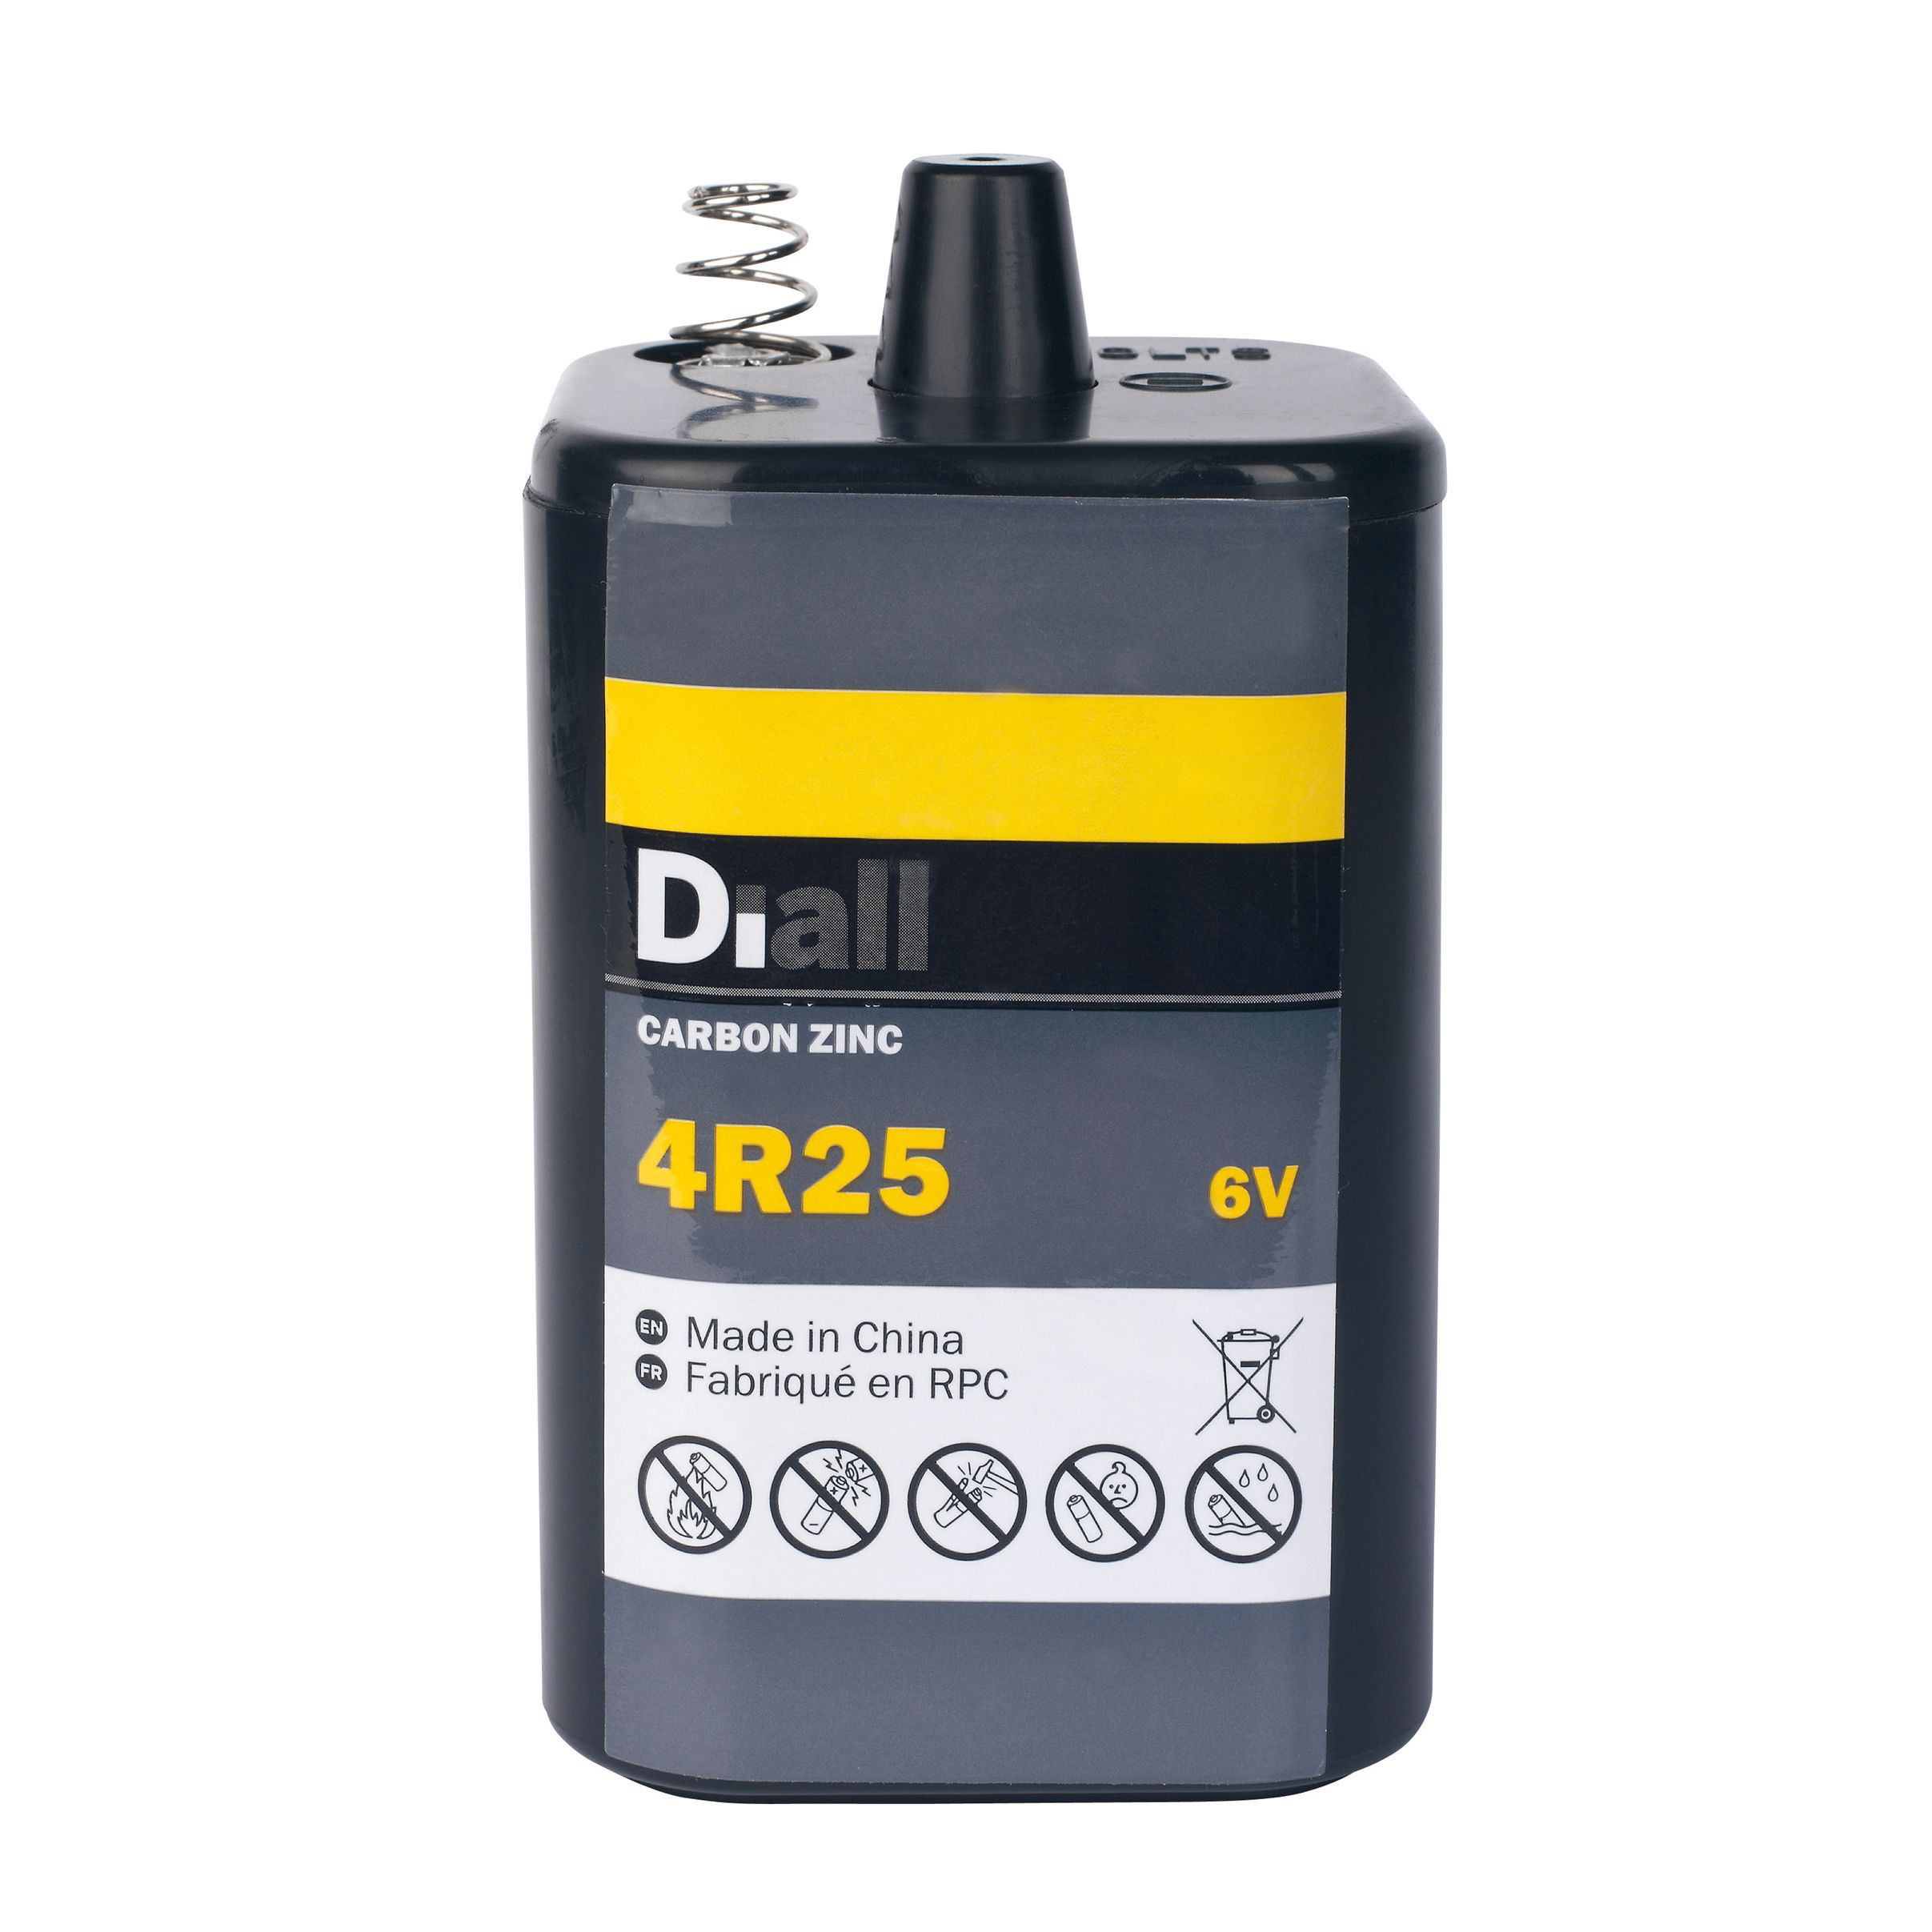 Zinc Carbon Battery : Diall non rechargeable r pj zinc carbon battery